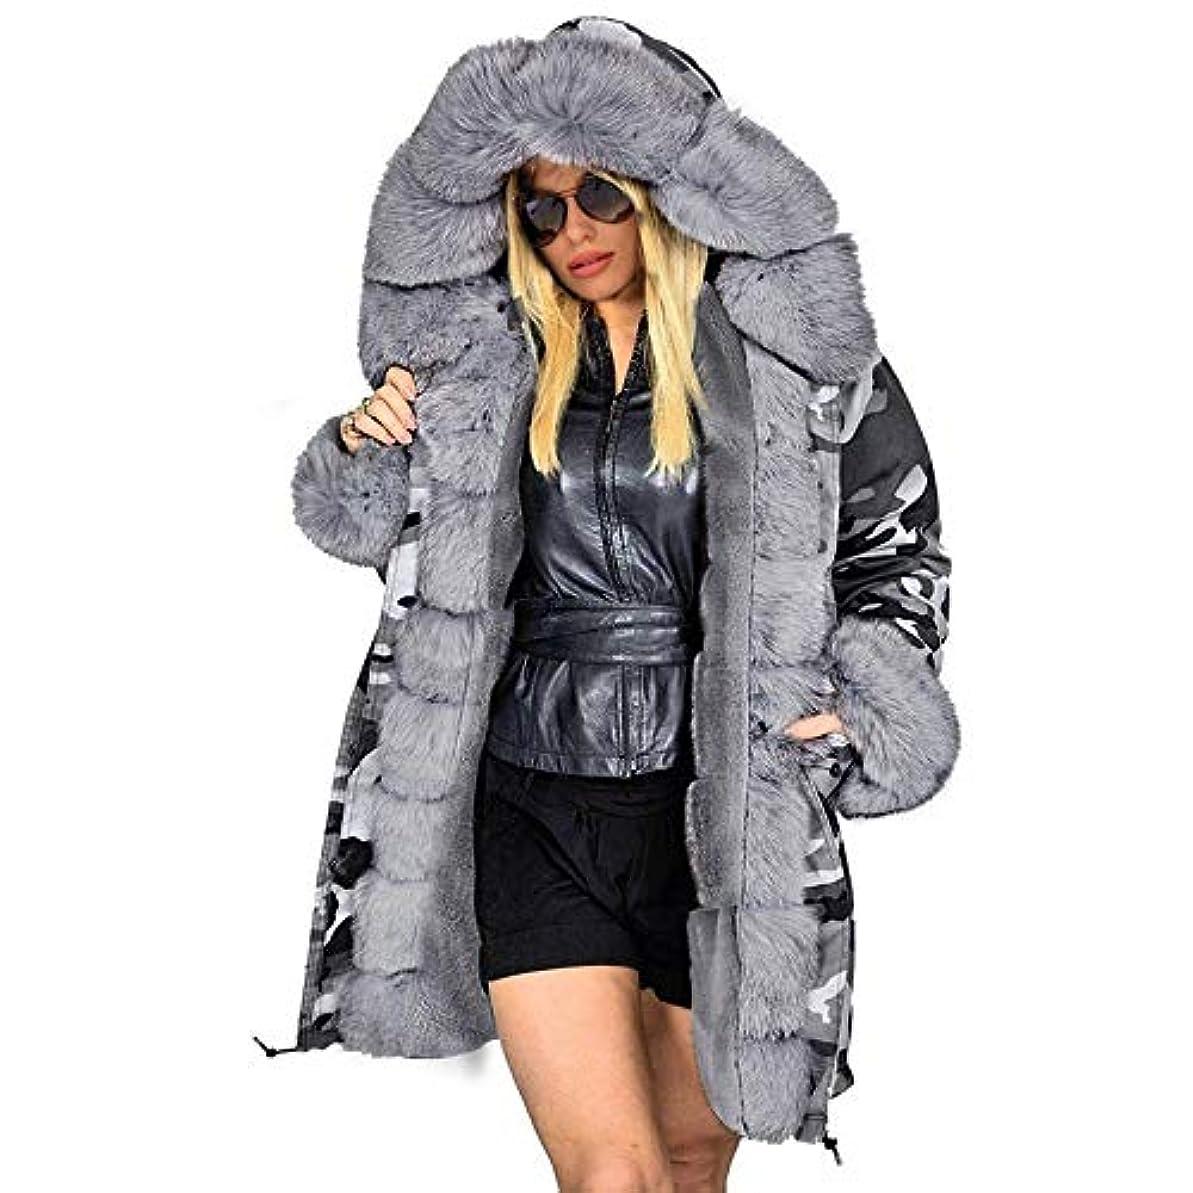 ちょっと待って相互接続推進力ファッションコートウィンタージャケット女性フードパーカーロングウォームコットンジャケットアウターウェア女性ウィンターコートプラスサイズ,XXXL